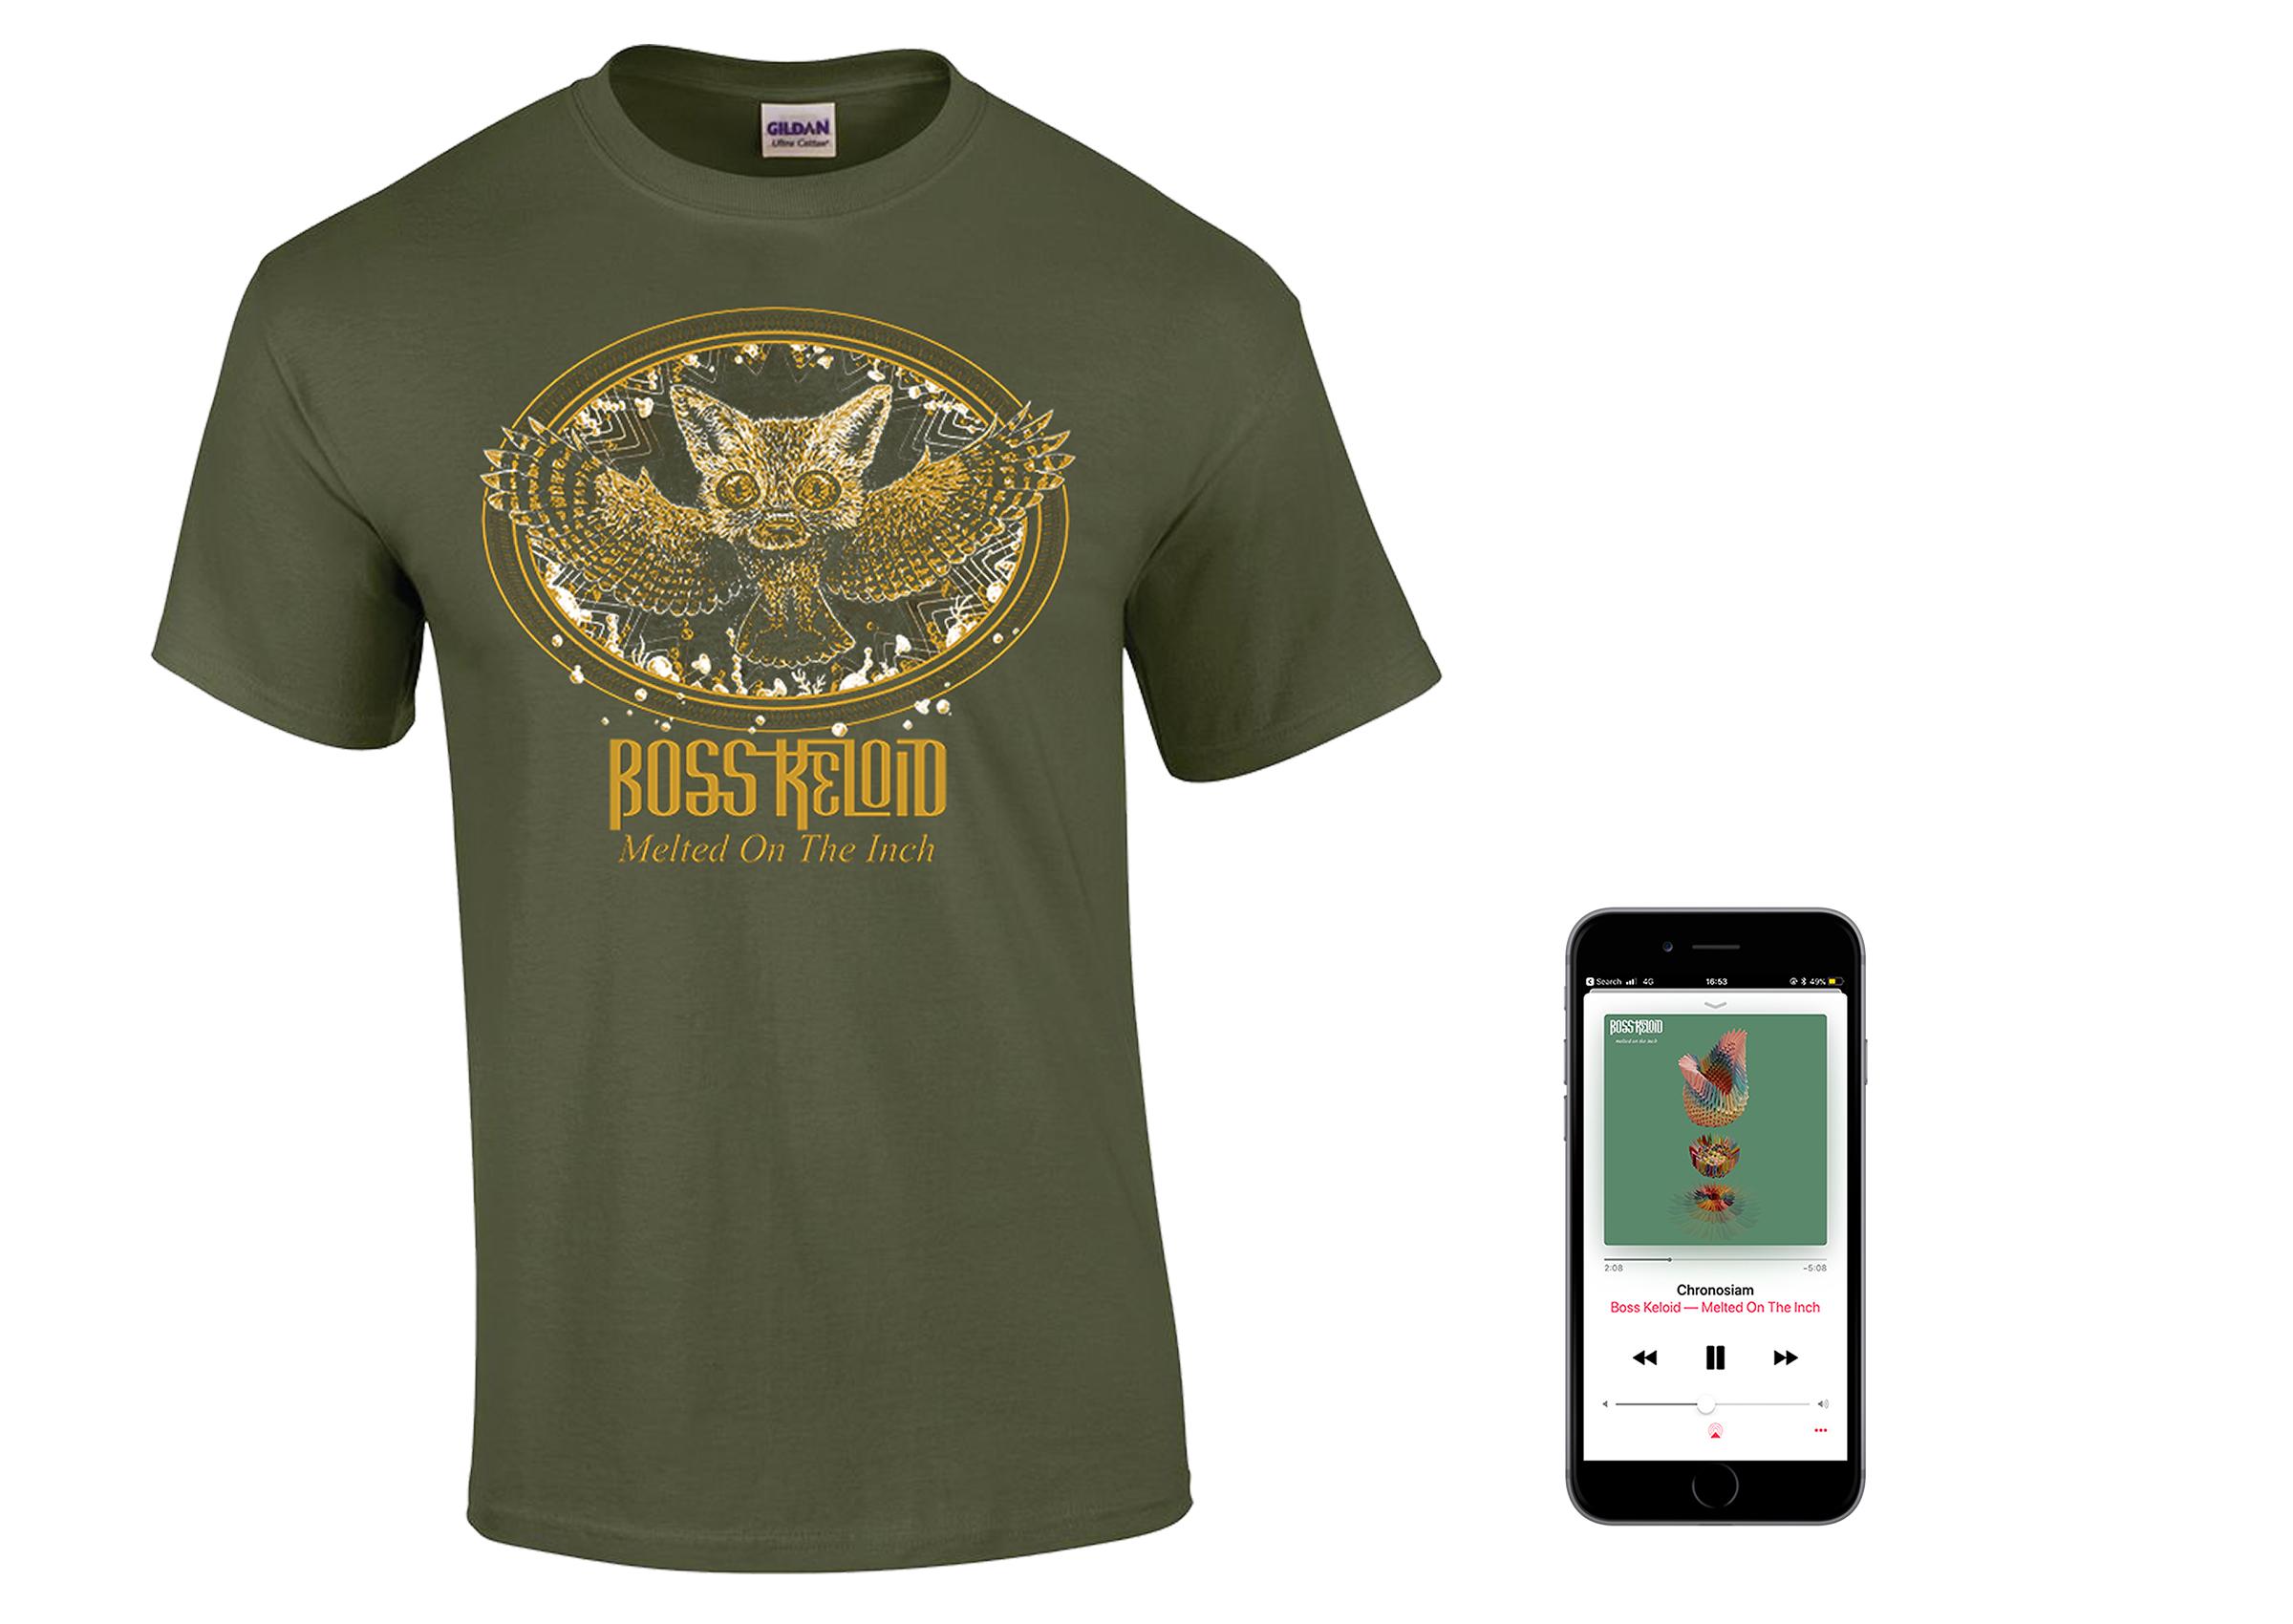 Boss Keloid 'Melted...' Foxowl shirt + digital download